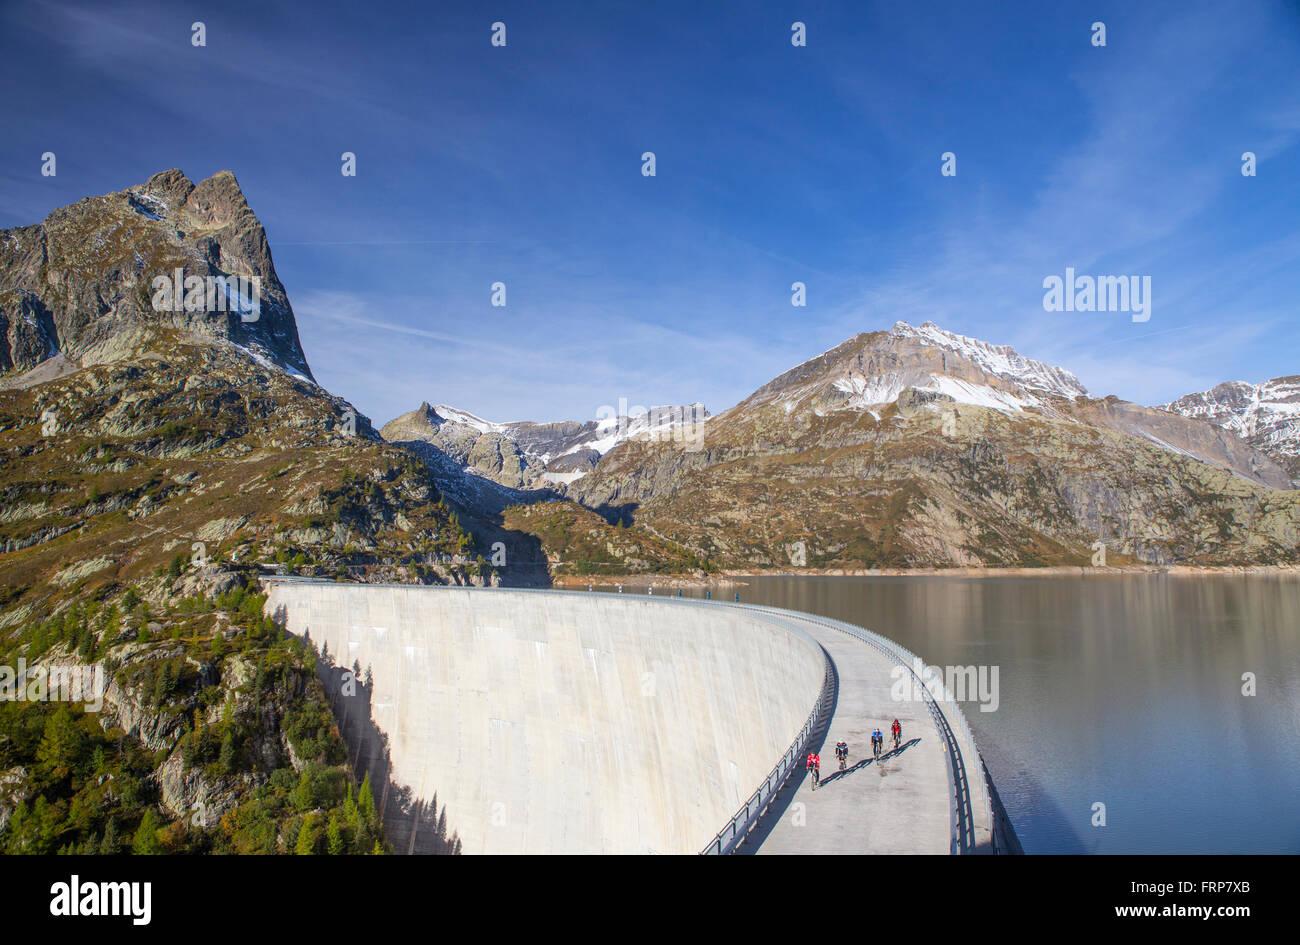 Emosson Dam Tour De France